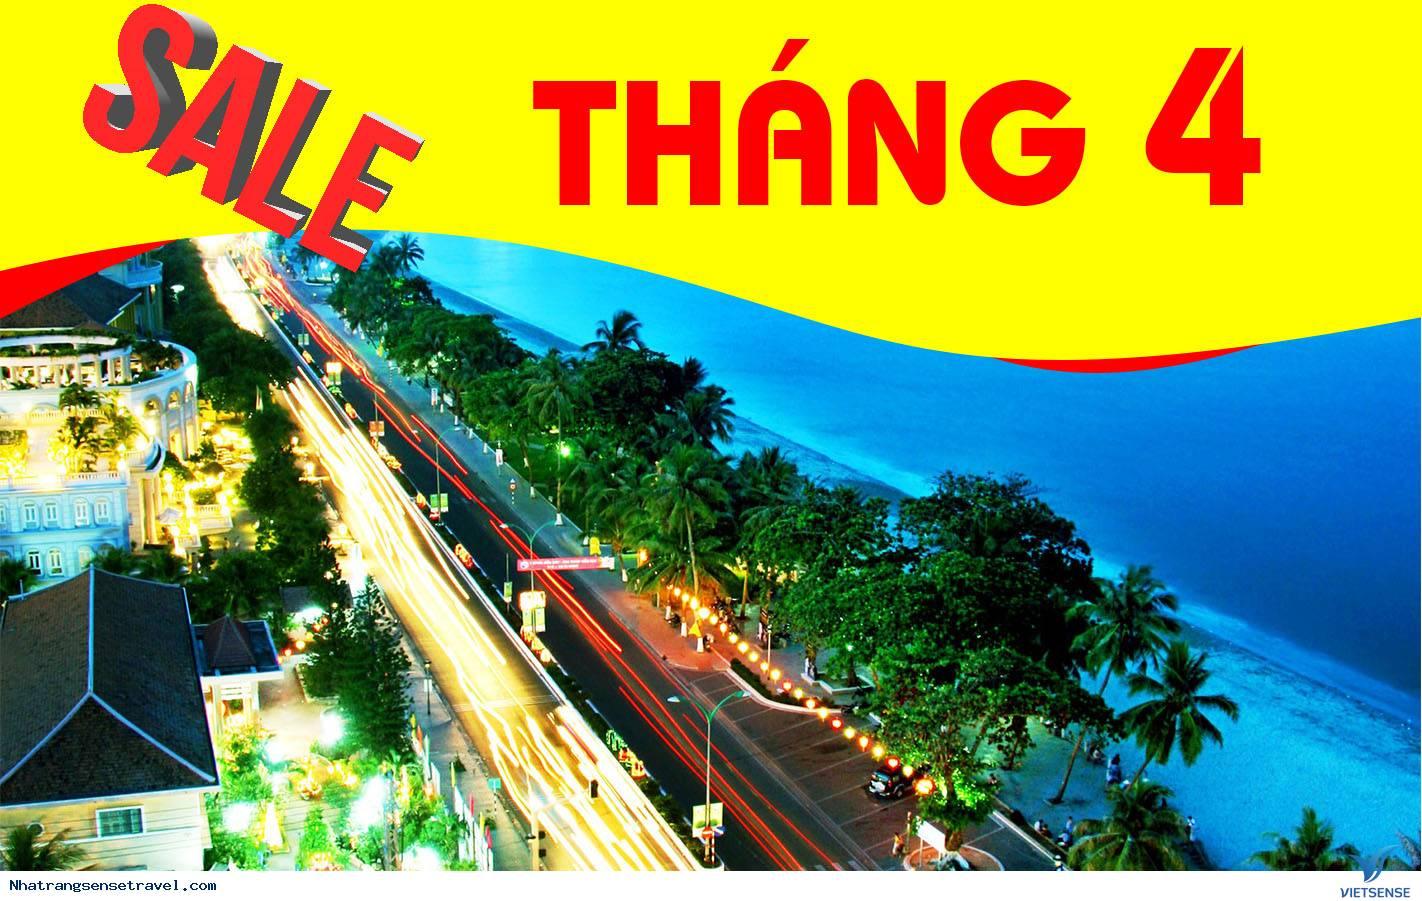 Tour Du Lịch Nha Trang 4N3D Tháng 4 Siêu Khuyến Mại Từ Hồ Chí Minh